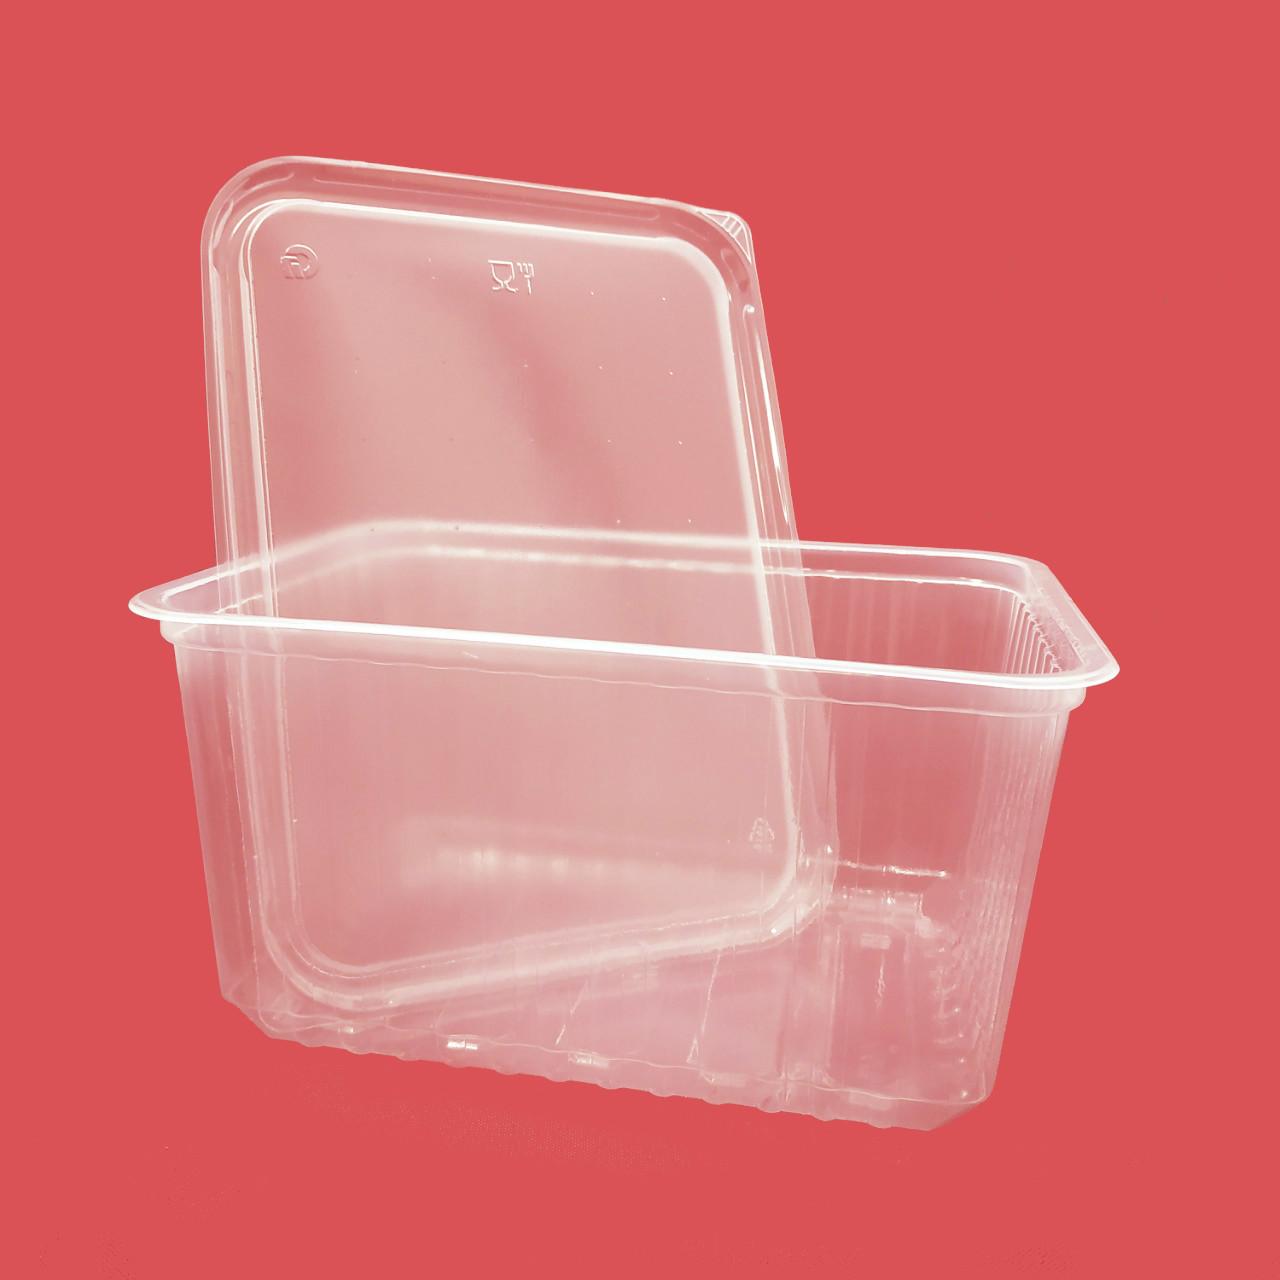 Пластикова упаковка 1500 мл для харчових продуктів, упаковка — 50 шт